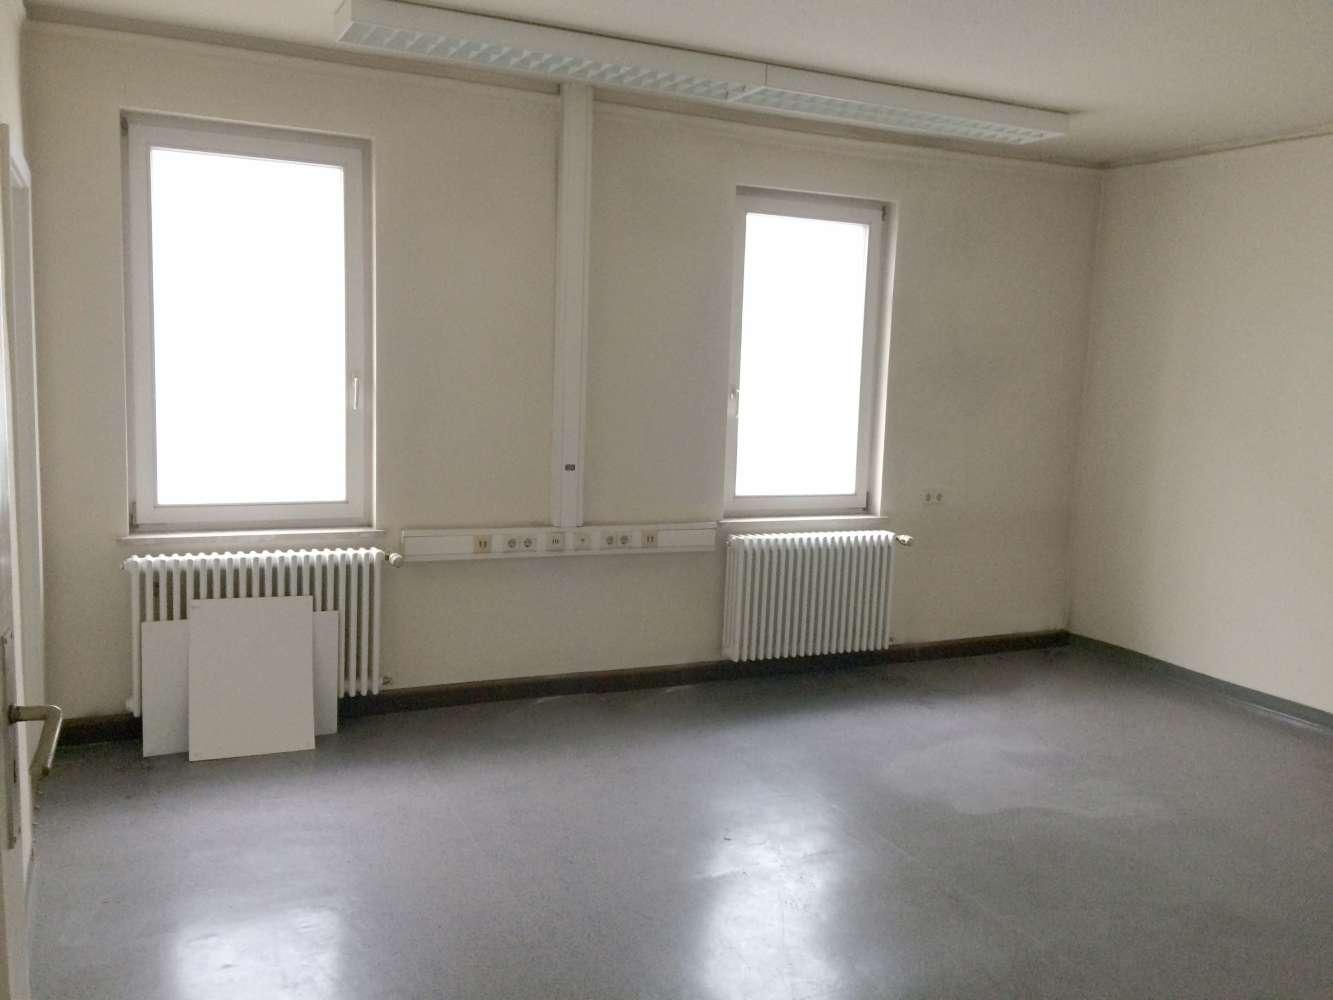 Büros Heidenheim an der brenz, 89518 - Büro - Heidenheim an der Brenz - S0504 - 10341193